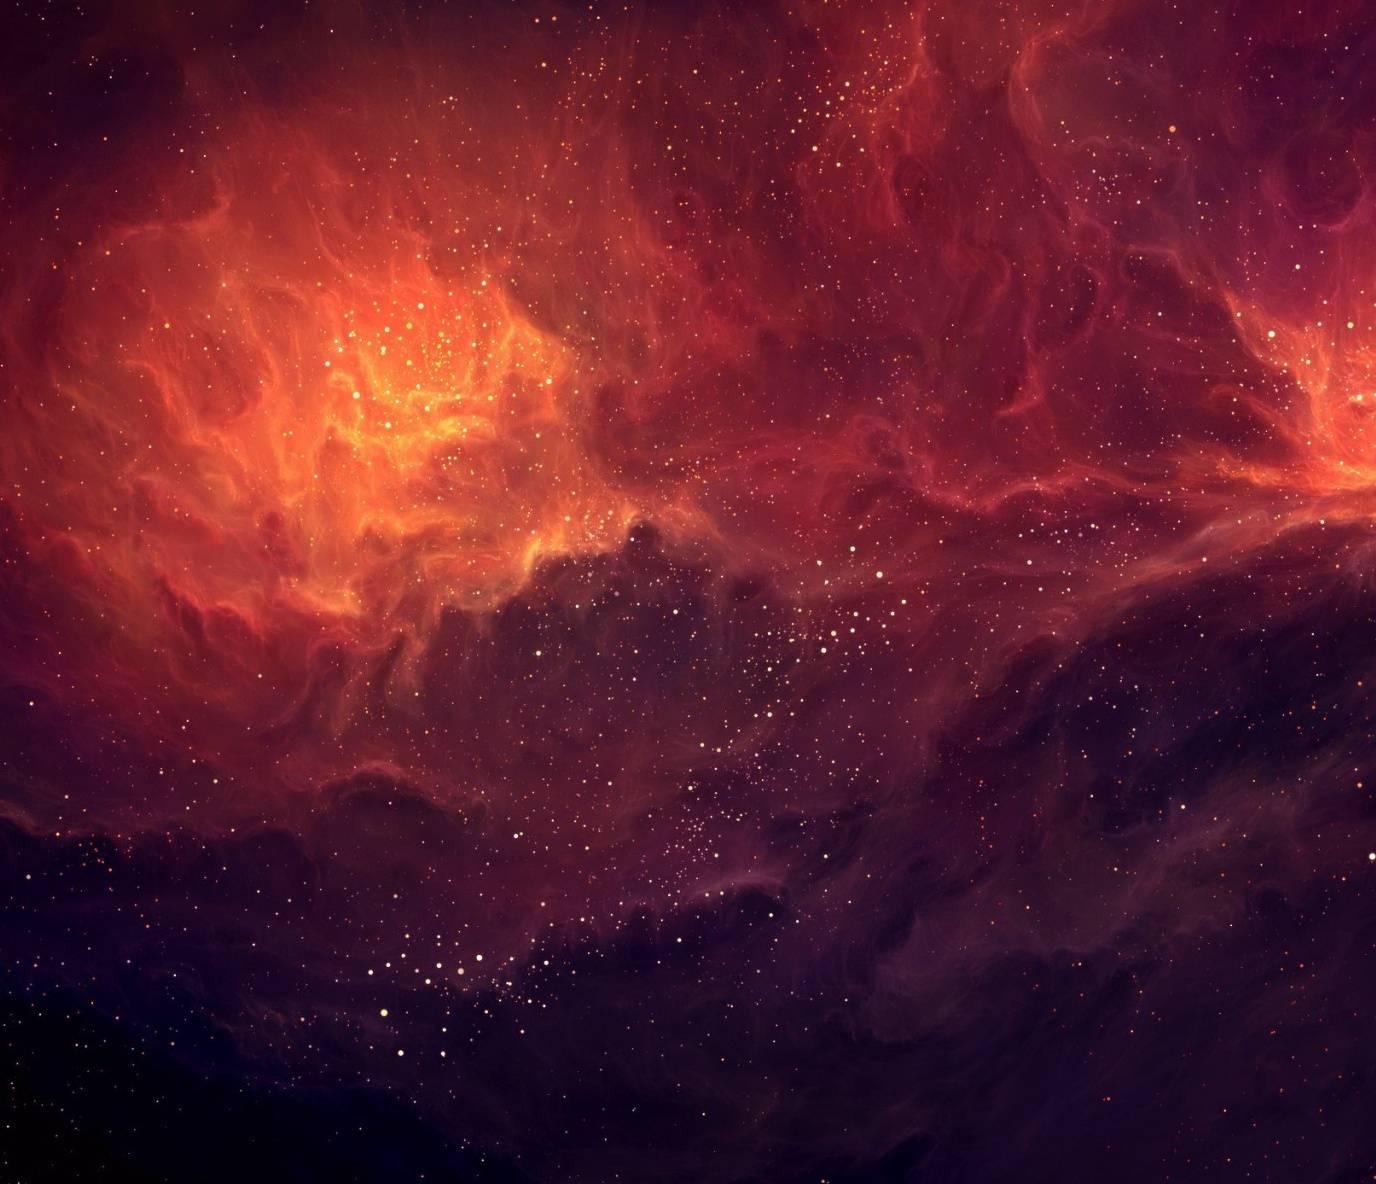 Galaxy Fire Star